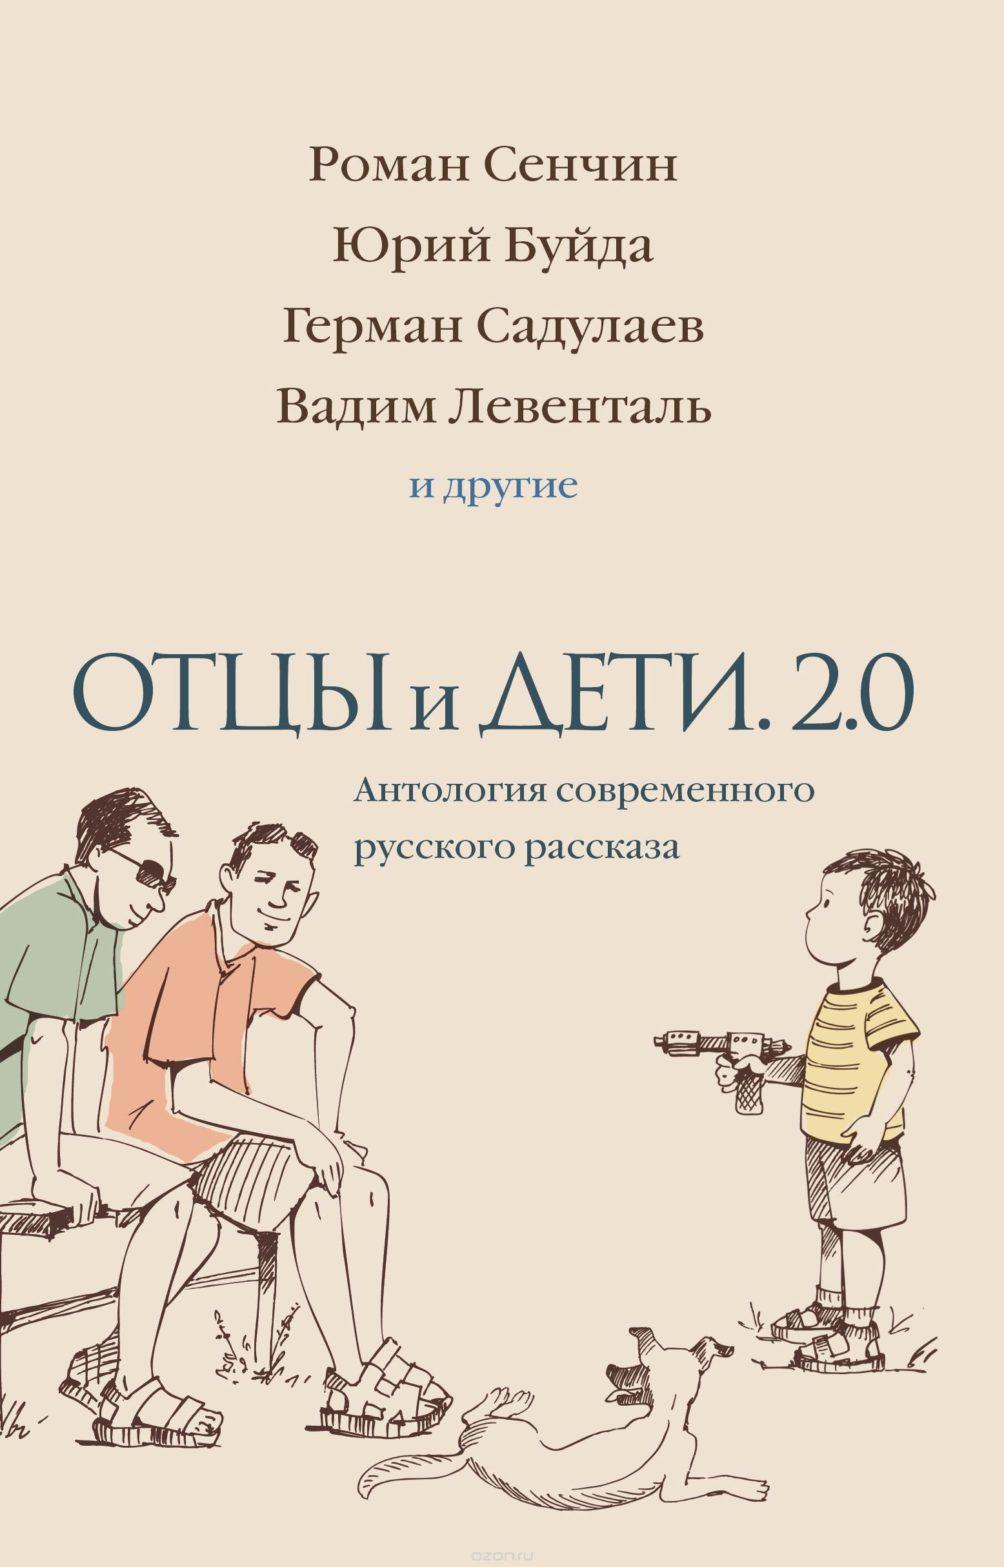 Отцы и дети.Версия 2.0